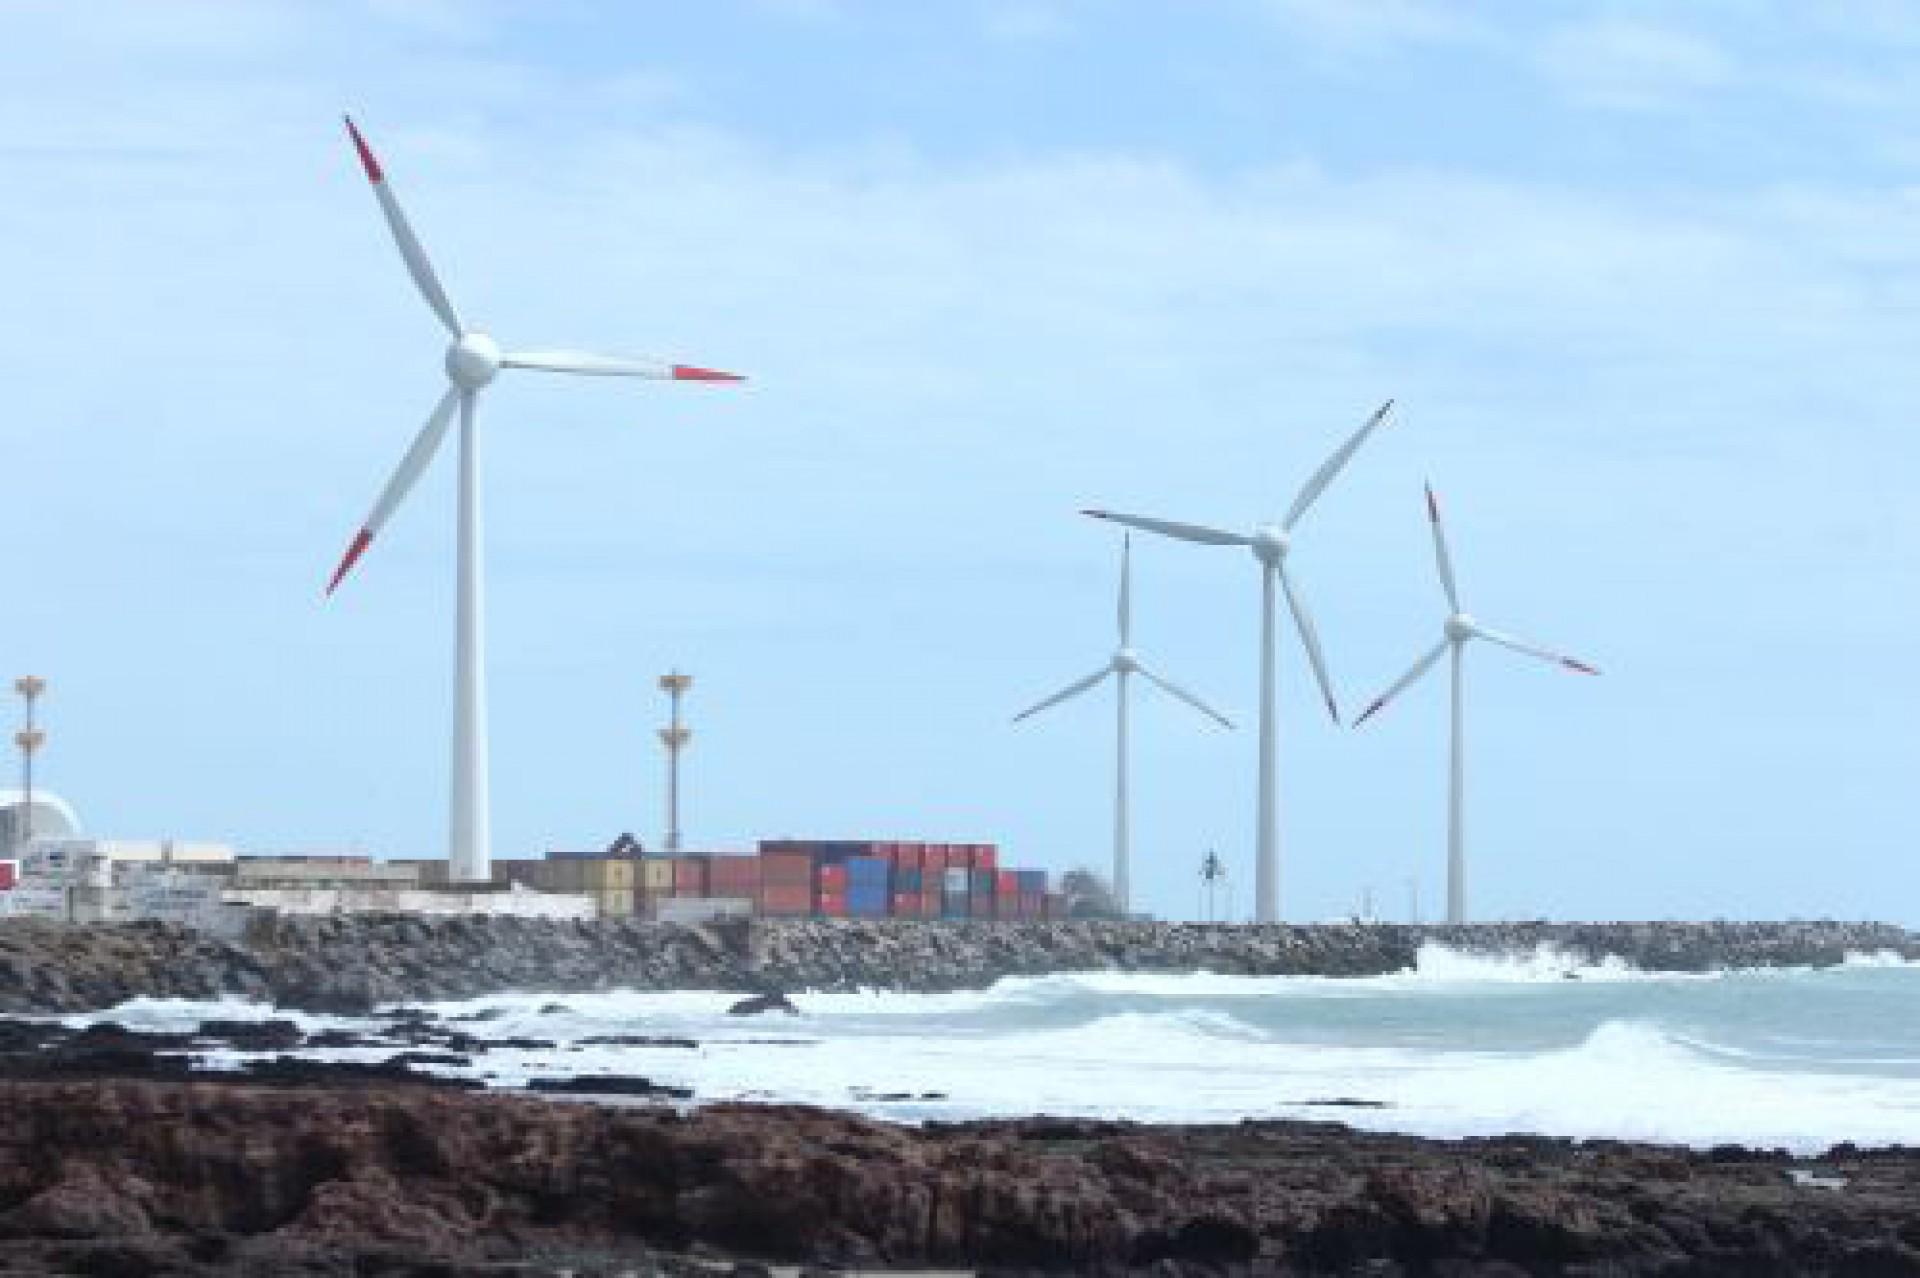 O Governo do Ceará  já iniciou negociação com algumas empresas interessadas em integrar o hub de hidrogênio verde no Estado (Foto: Camila de Almeida em 28/10/2015)